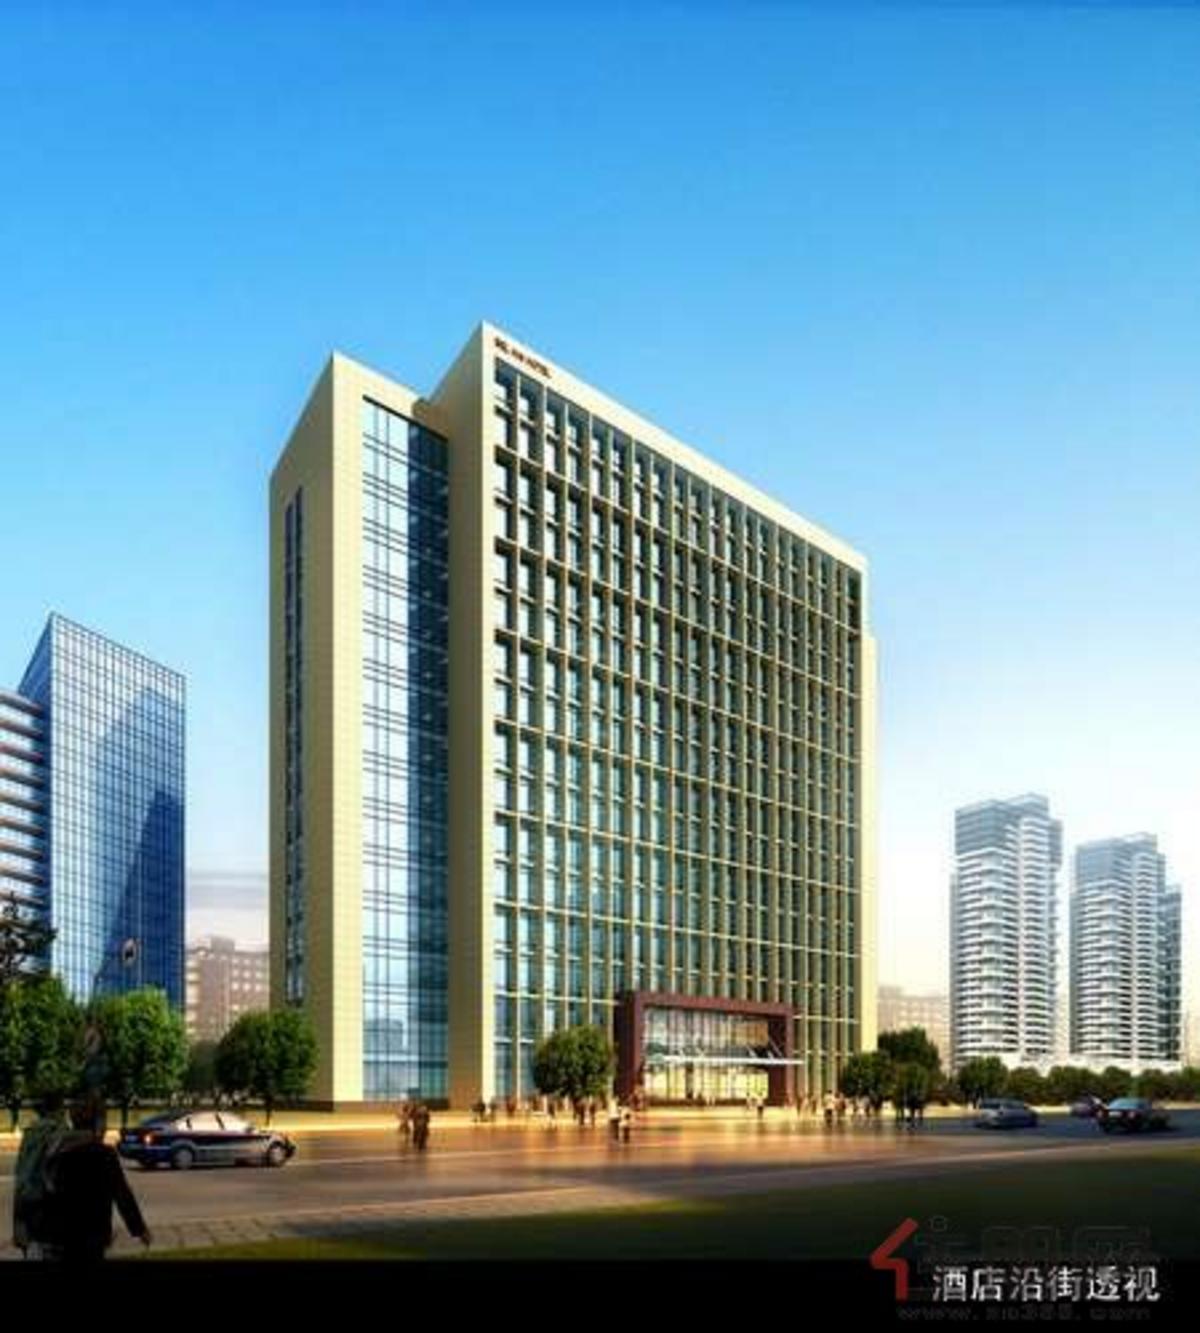 万泉城二区酒店效果图2011·10·21